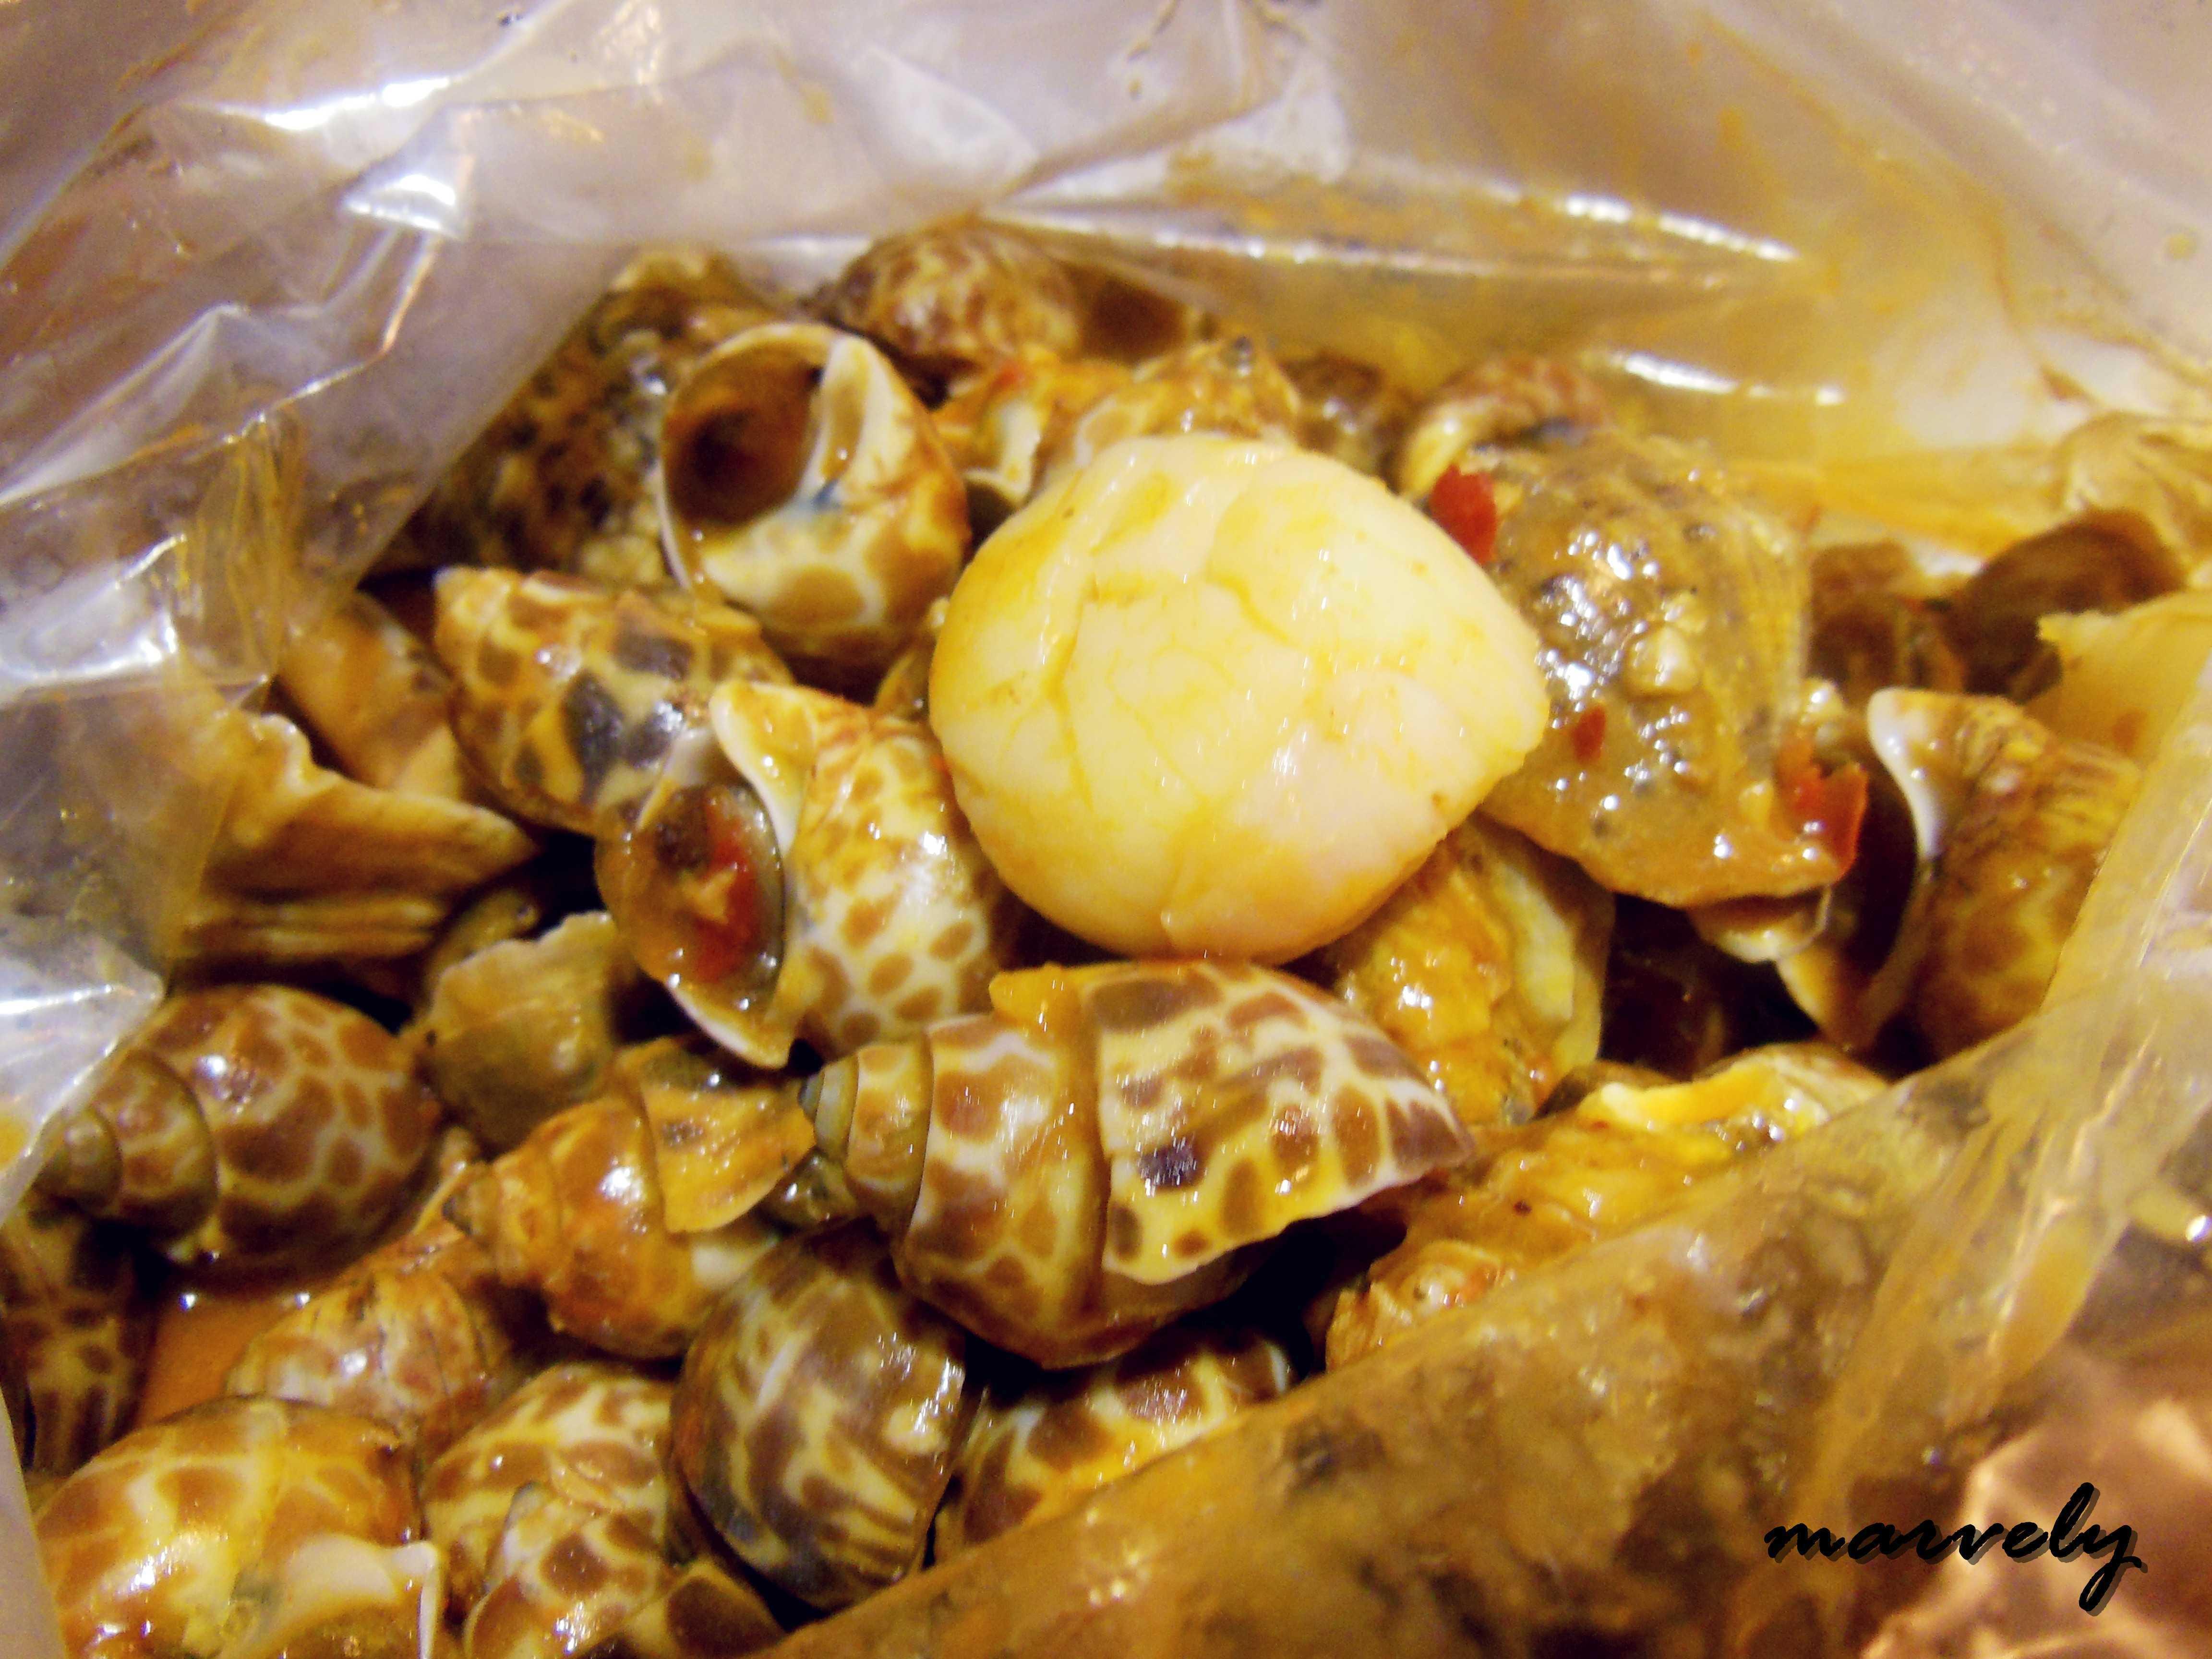 去年在杭州的动手吧吃过一次直接用手吃的美食之后,就一直想着如果上